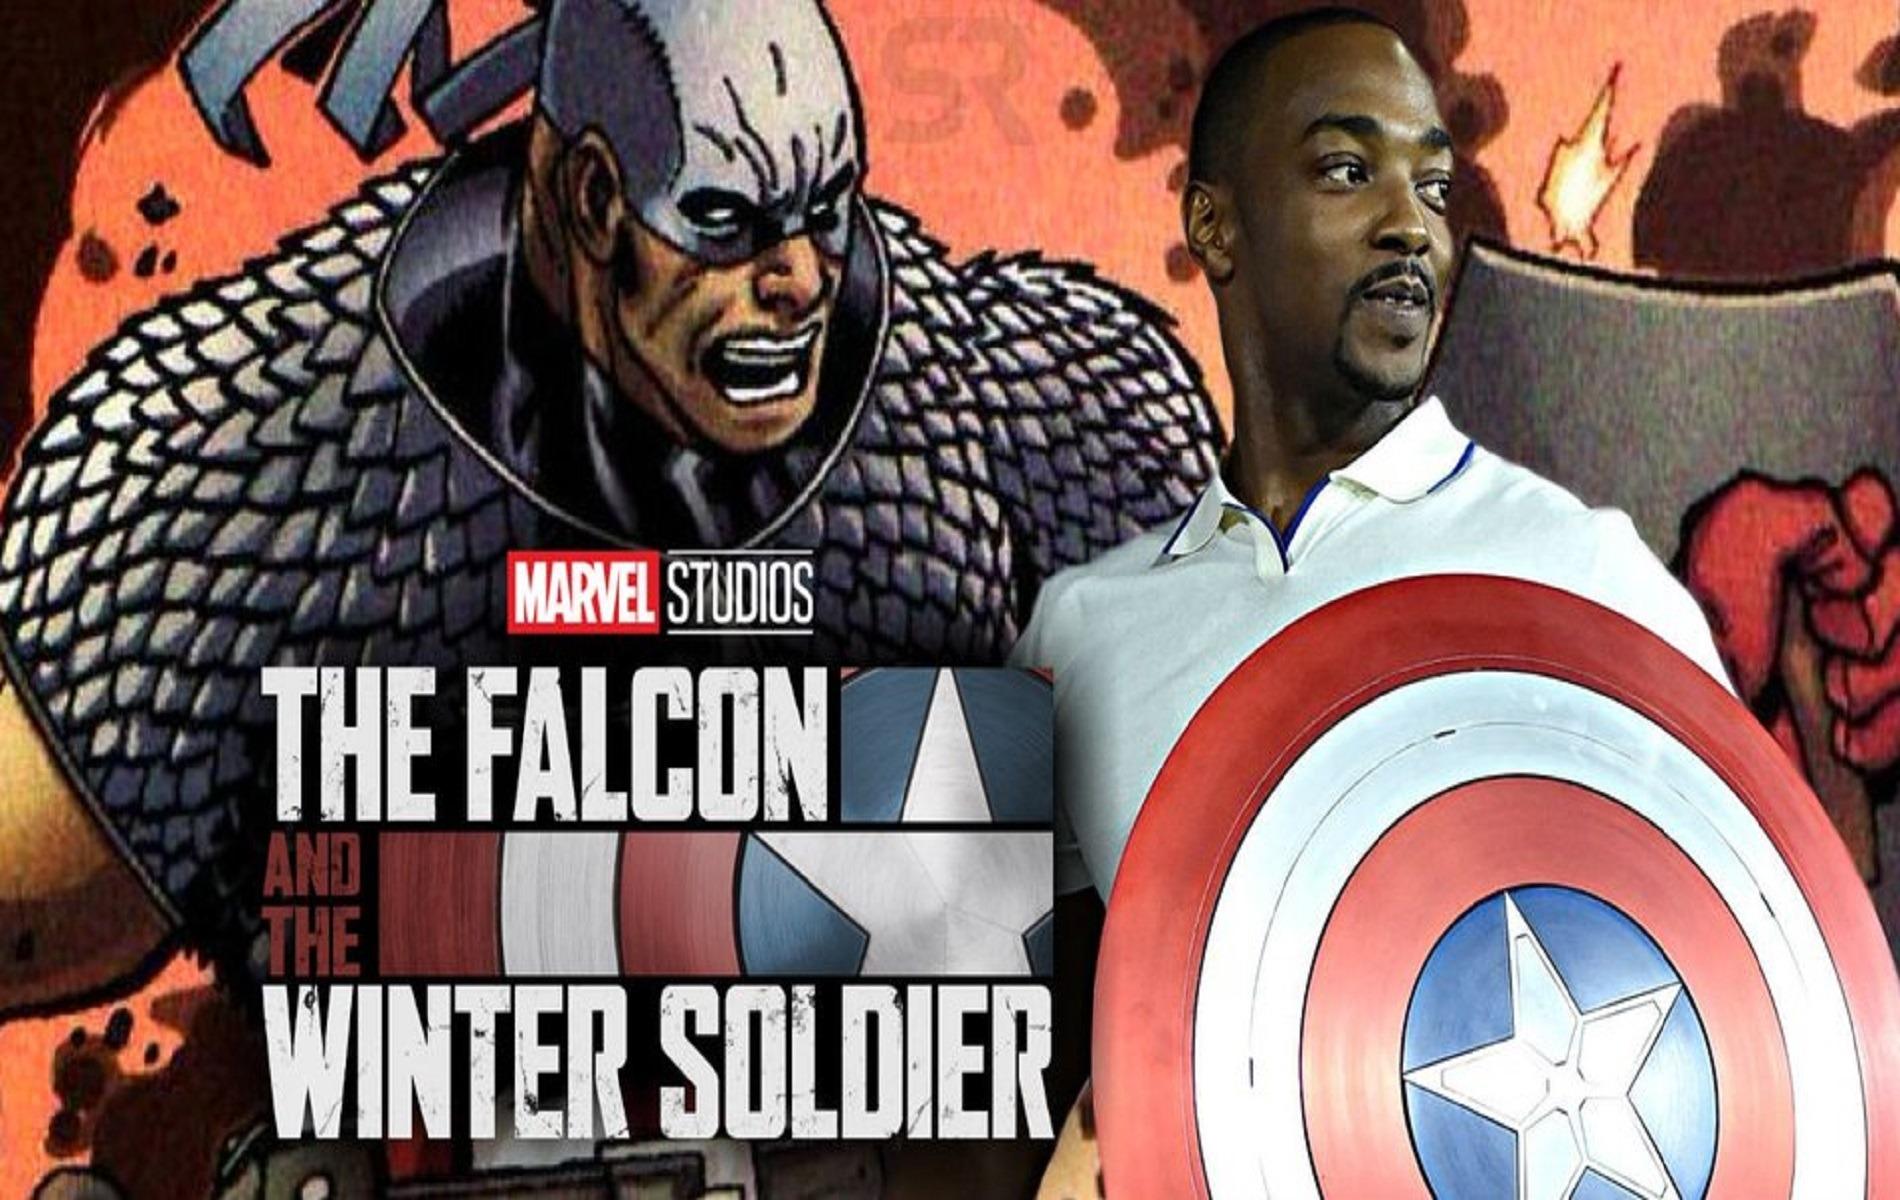 в Марвел появится чернокожий Капитан Америка